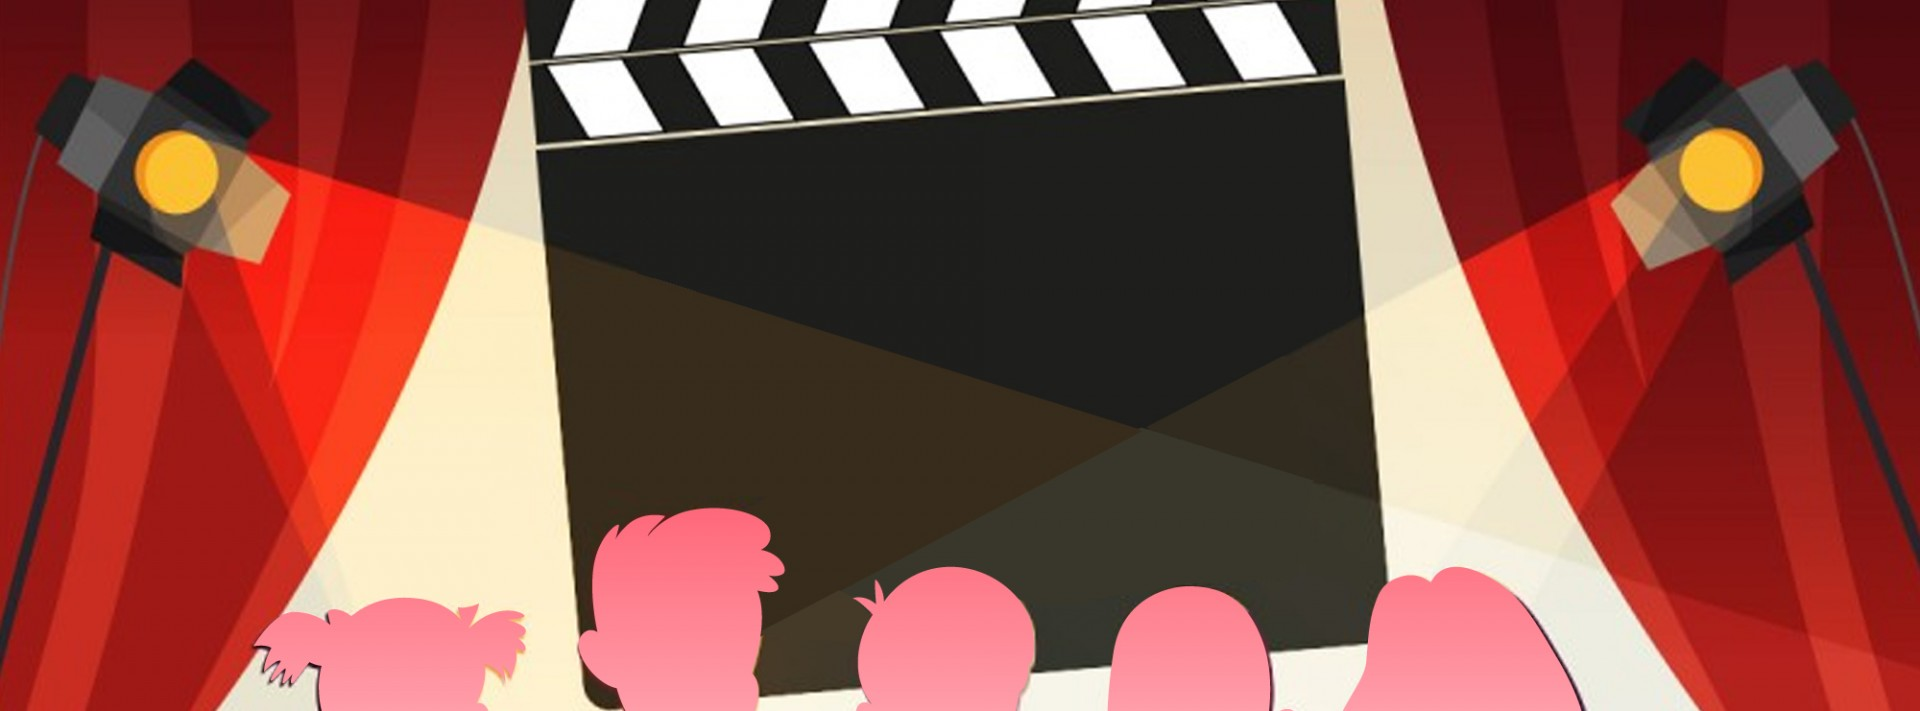 Festival cinéma jeunesse Chamrousse